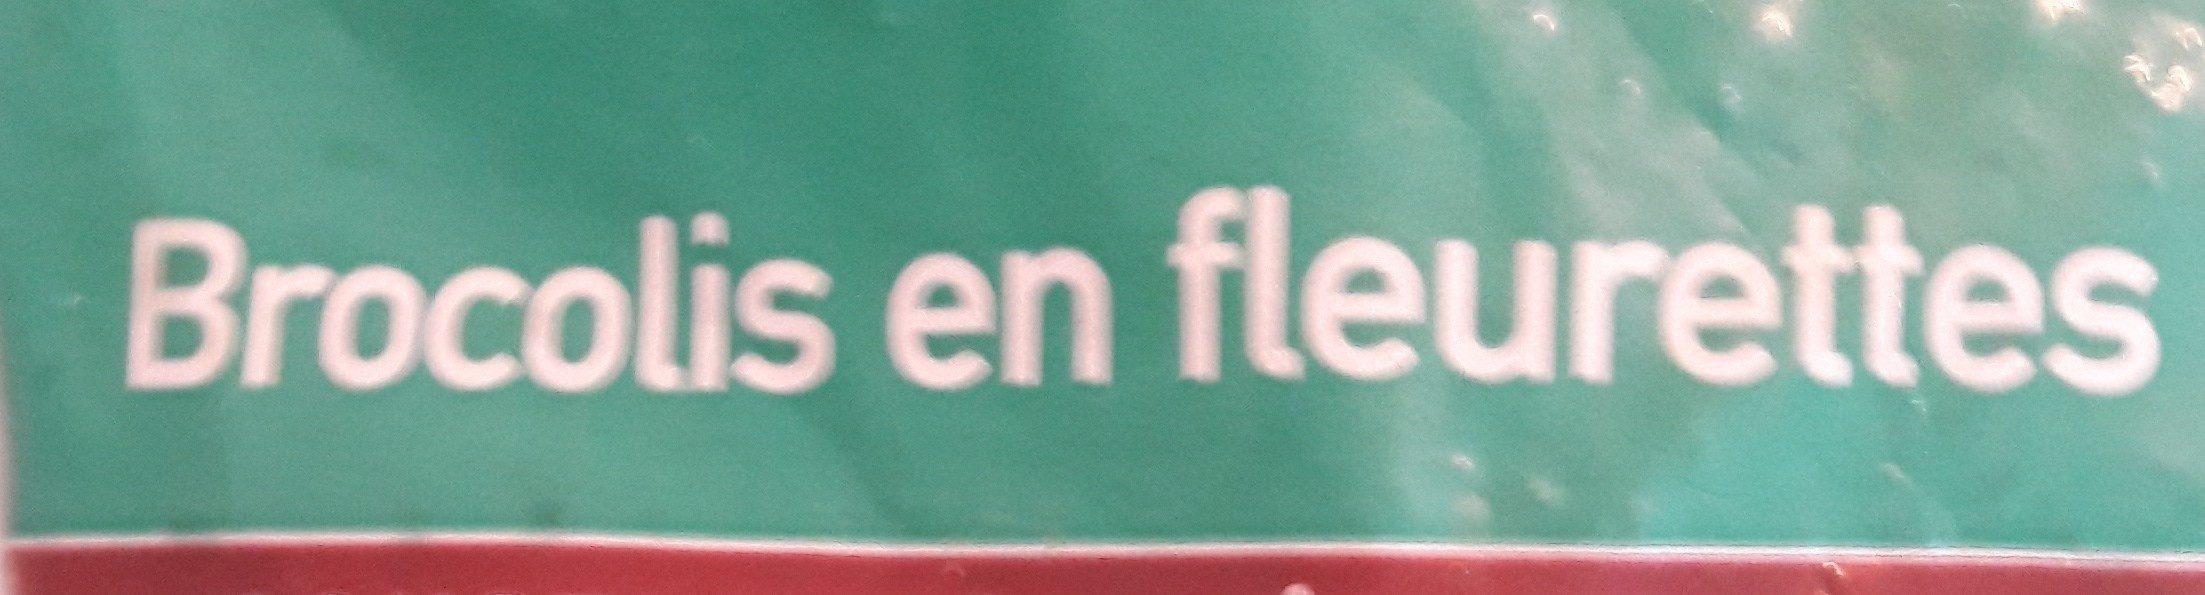 Brocolis en Fleurette - Ingrédients - fr